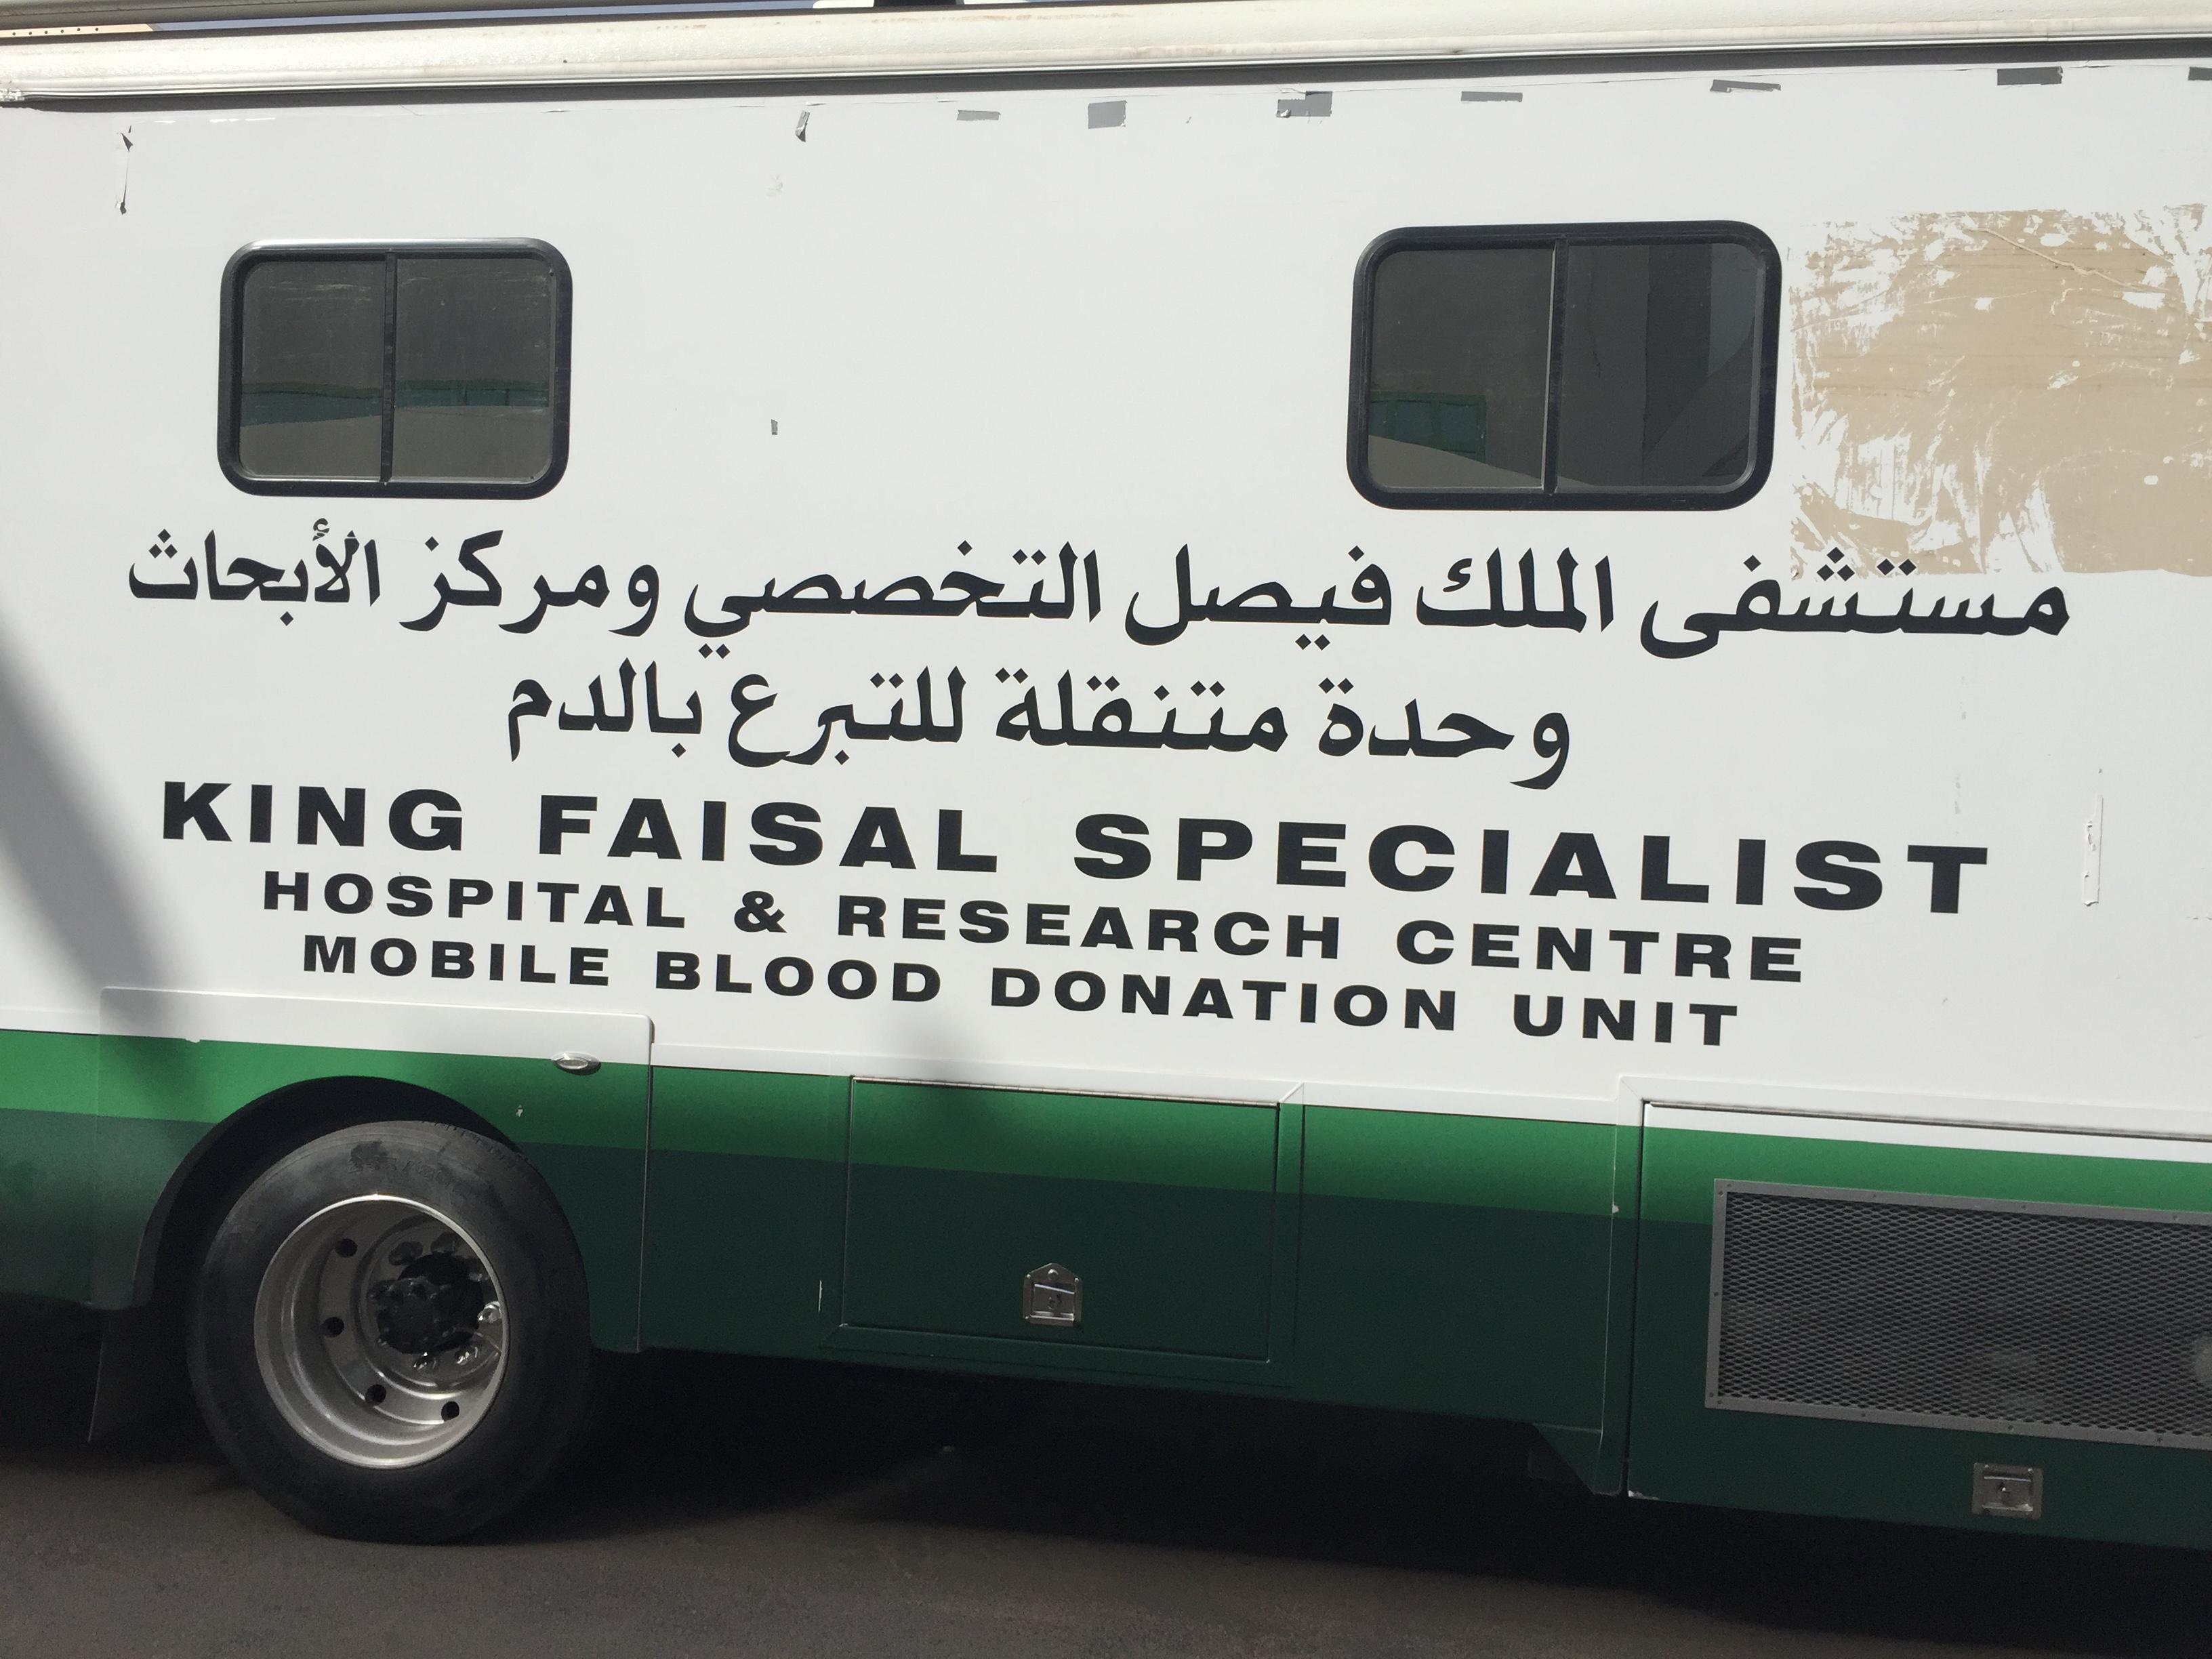 امنح حياة بقطرة من دمك تستقبل جموع المتبرعين في عمل الرياض (1)